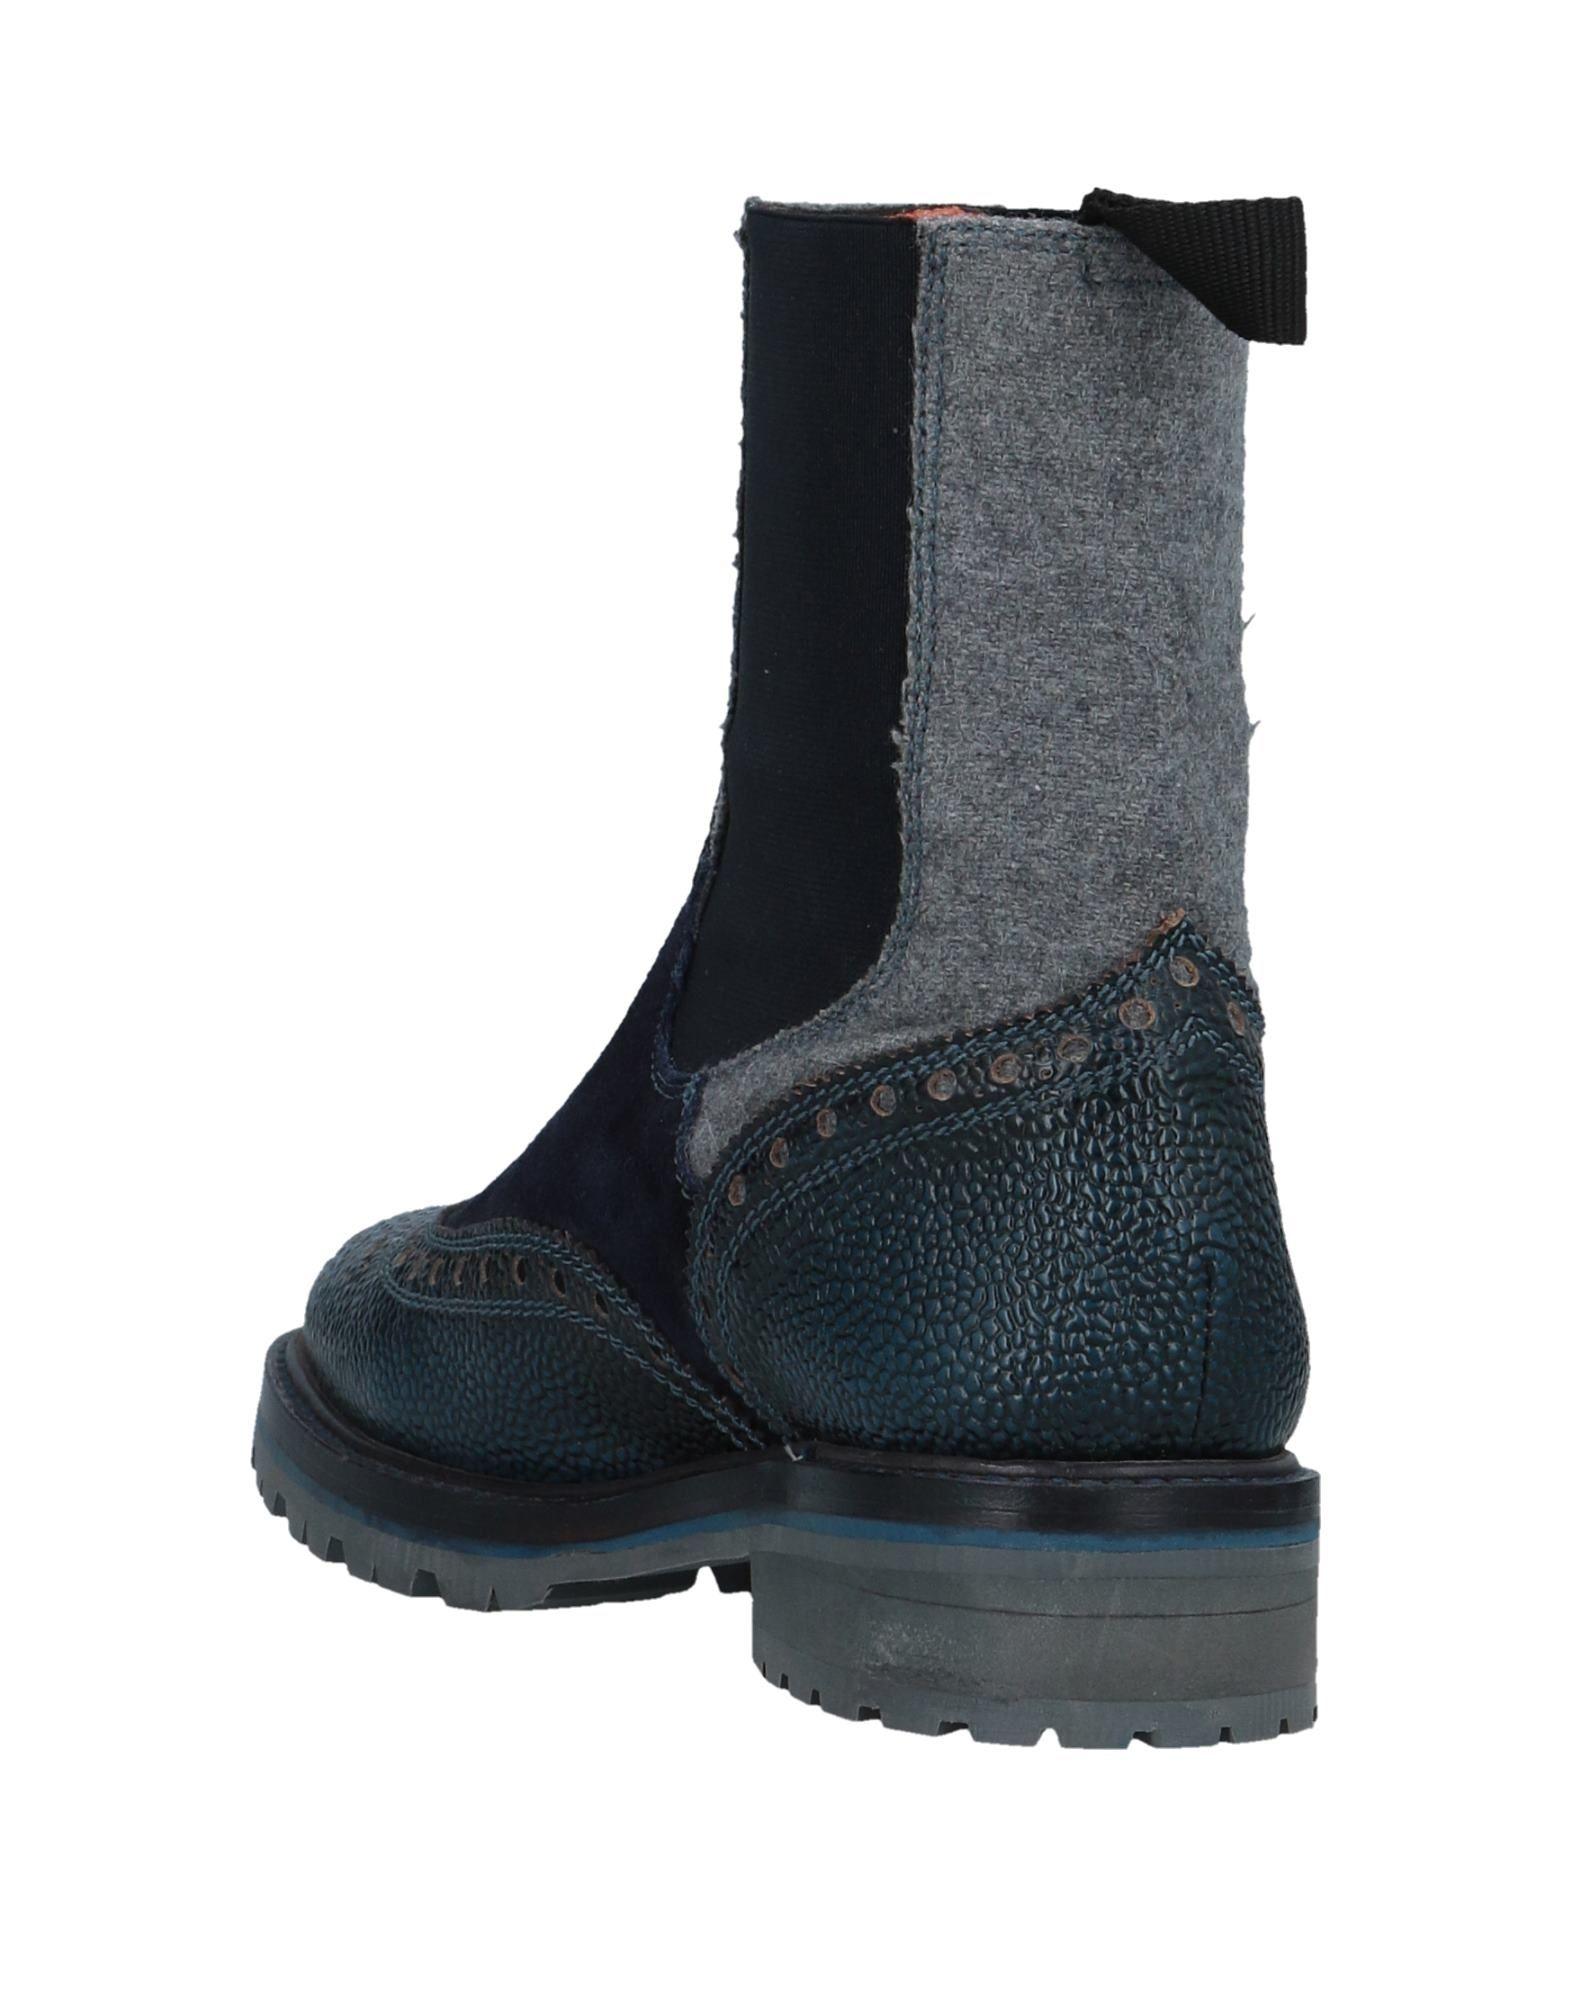 Rabatt Damen Schuhe Botti Chelsea Boots Damen Rabatt  11533870EK ae4581